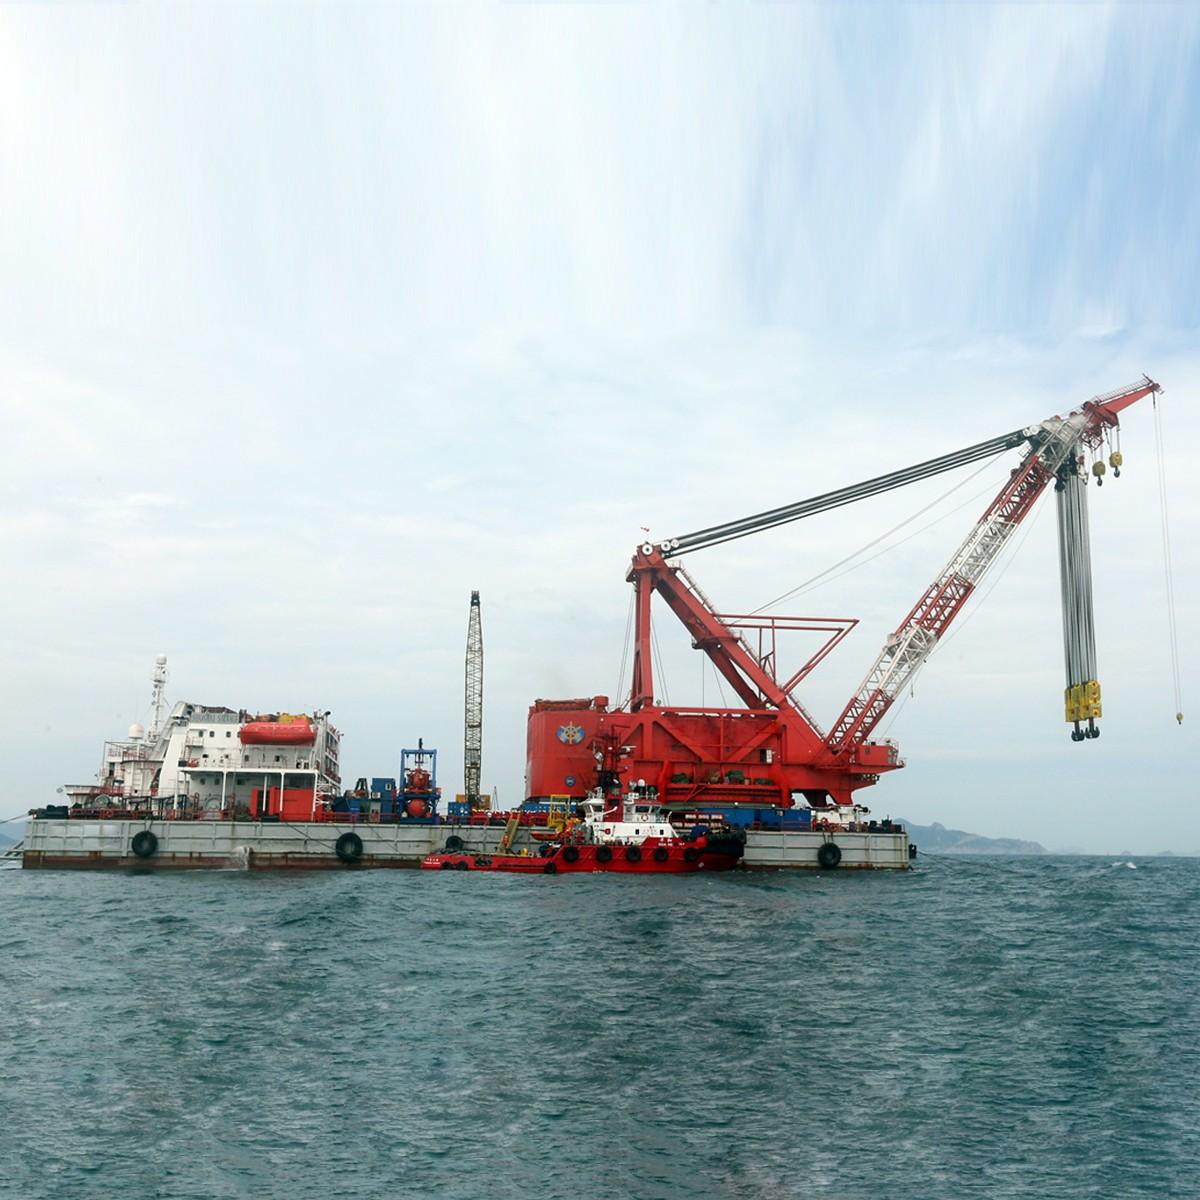 工程船黄河浮桥航运